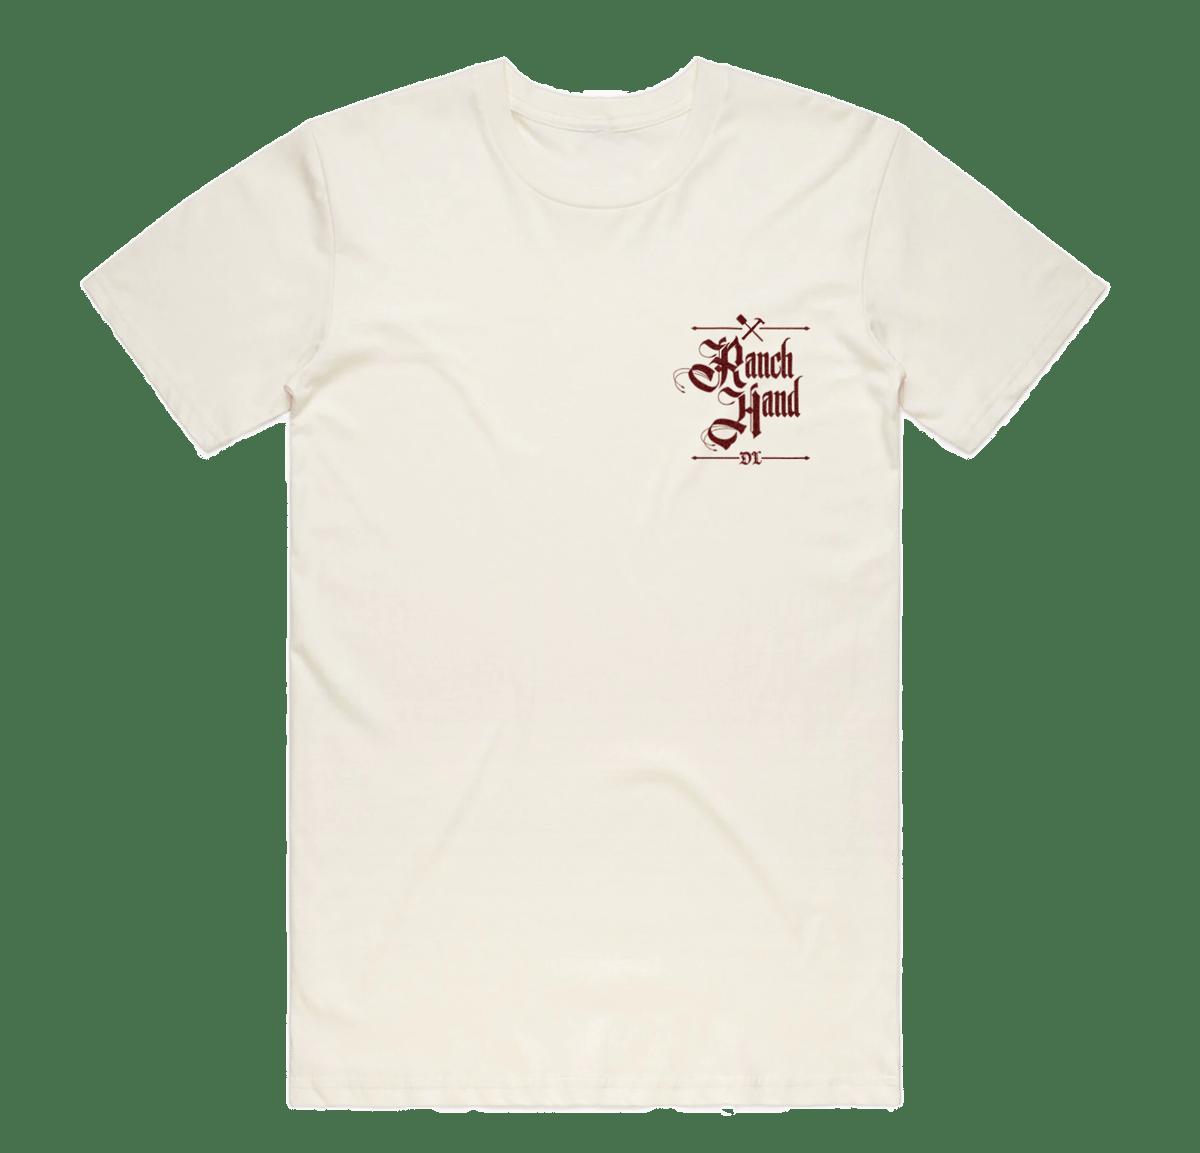 Ranch Hand X DL T-shirt - Natural